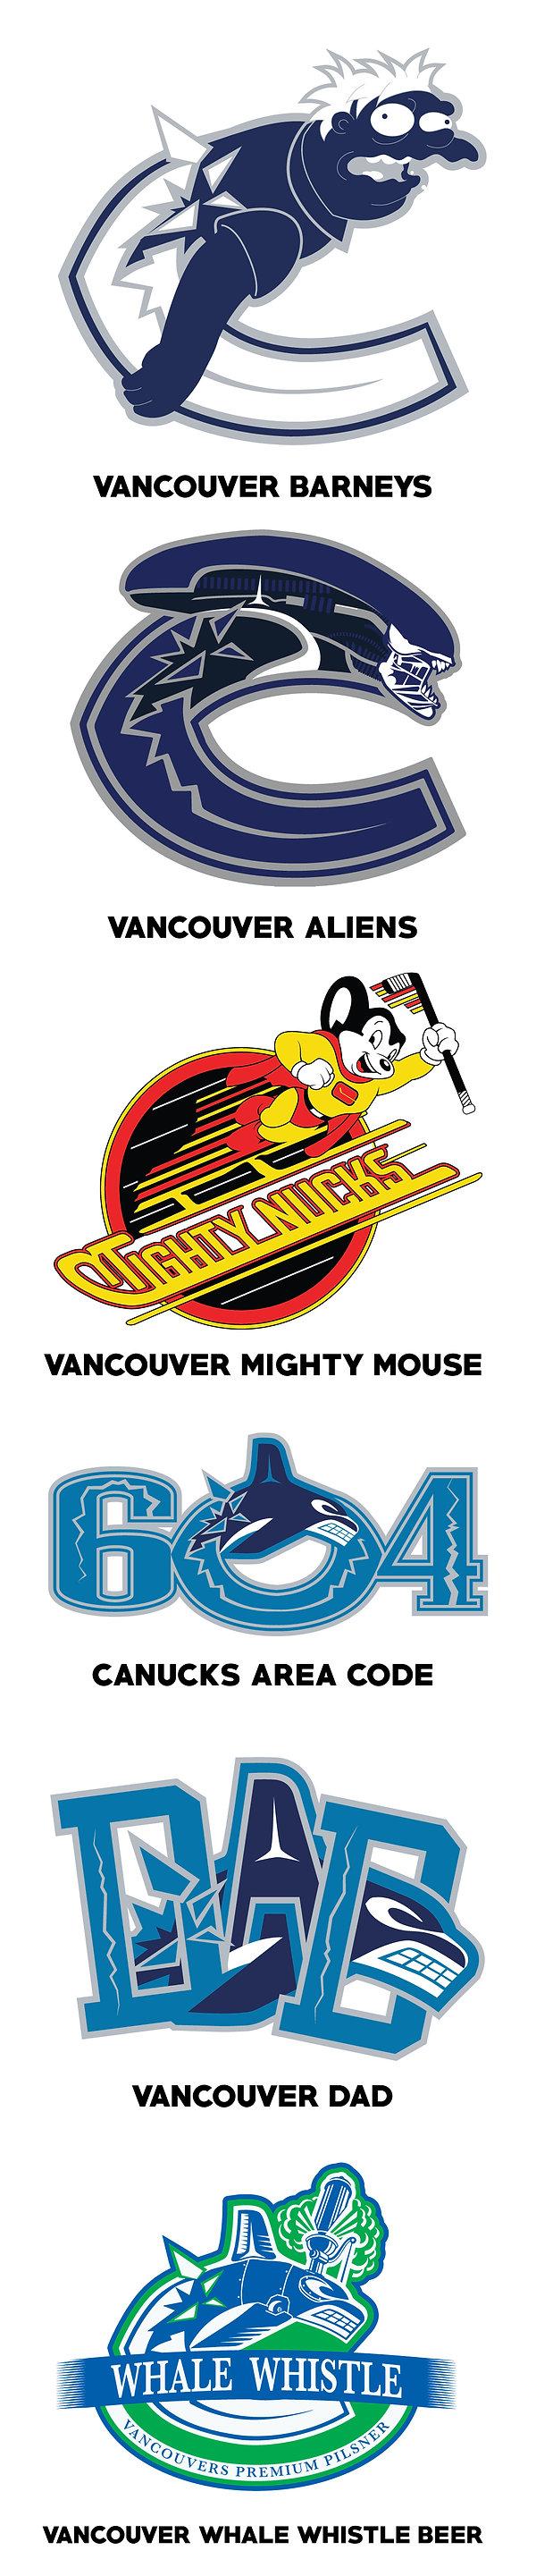 ALL_MASHUPS_Vancouver.jpg